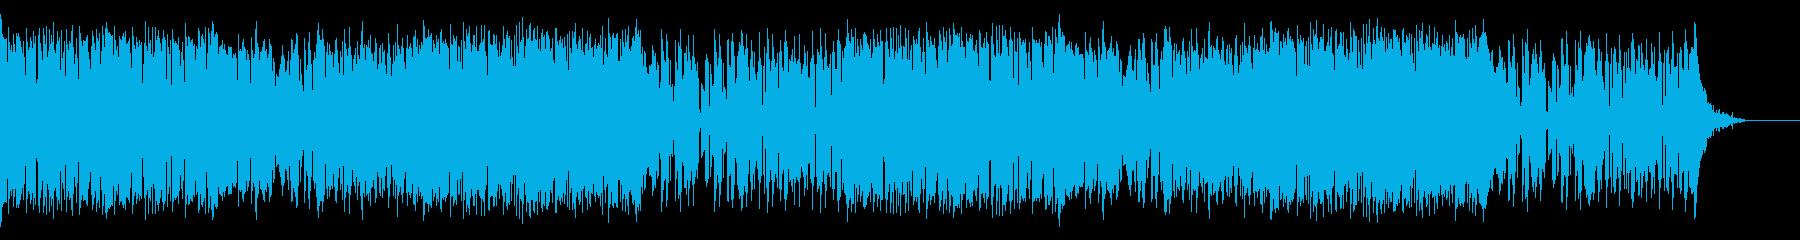 サバンナを感じさせる民族音楽風楽曲の再生済みの波形